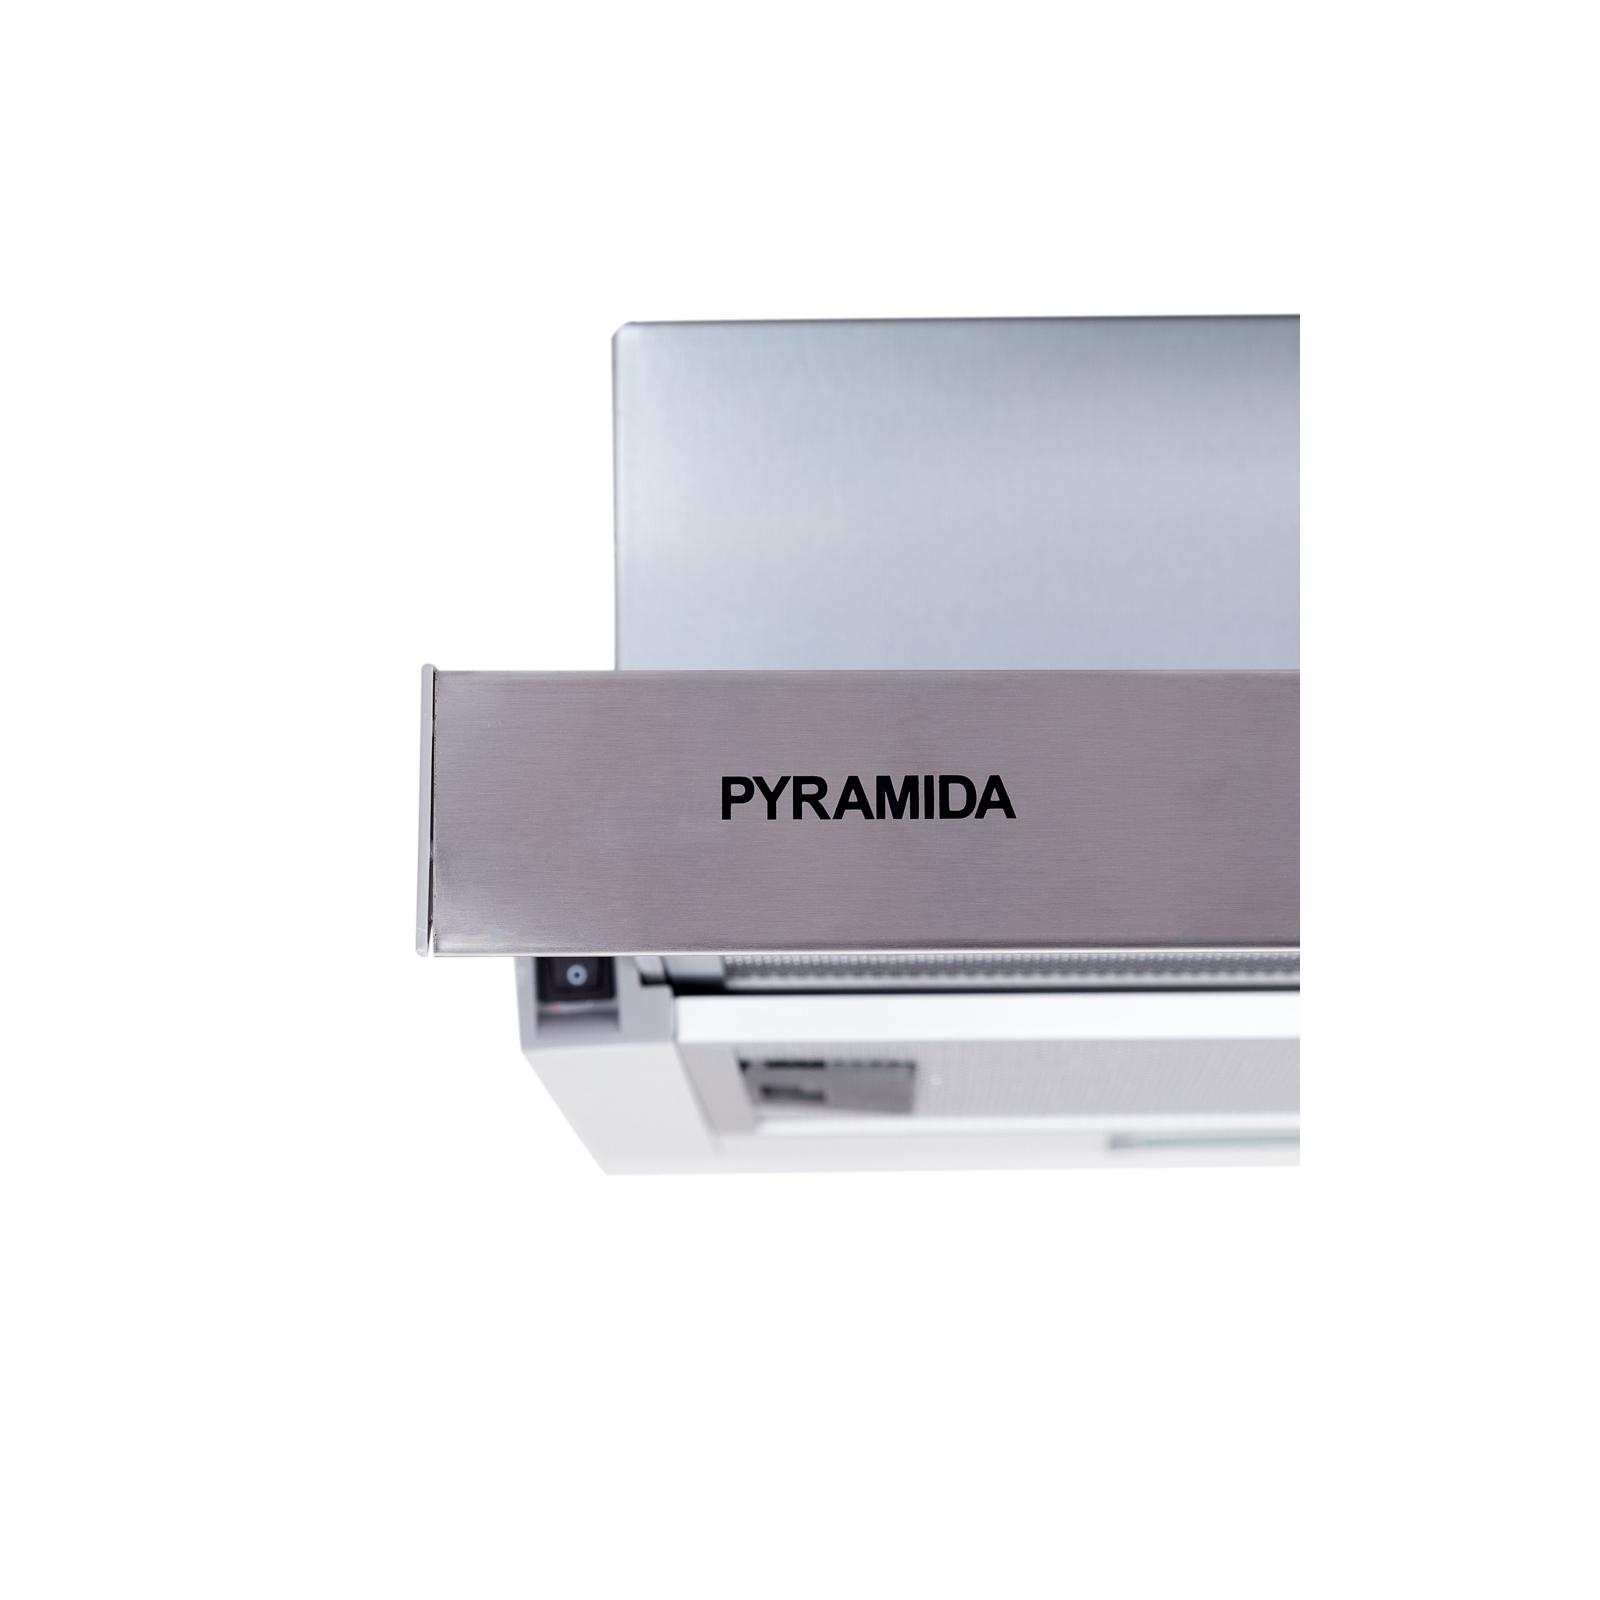 Вытяжка кухонная Pyramida TL 50 SLIM IX изображение 3